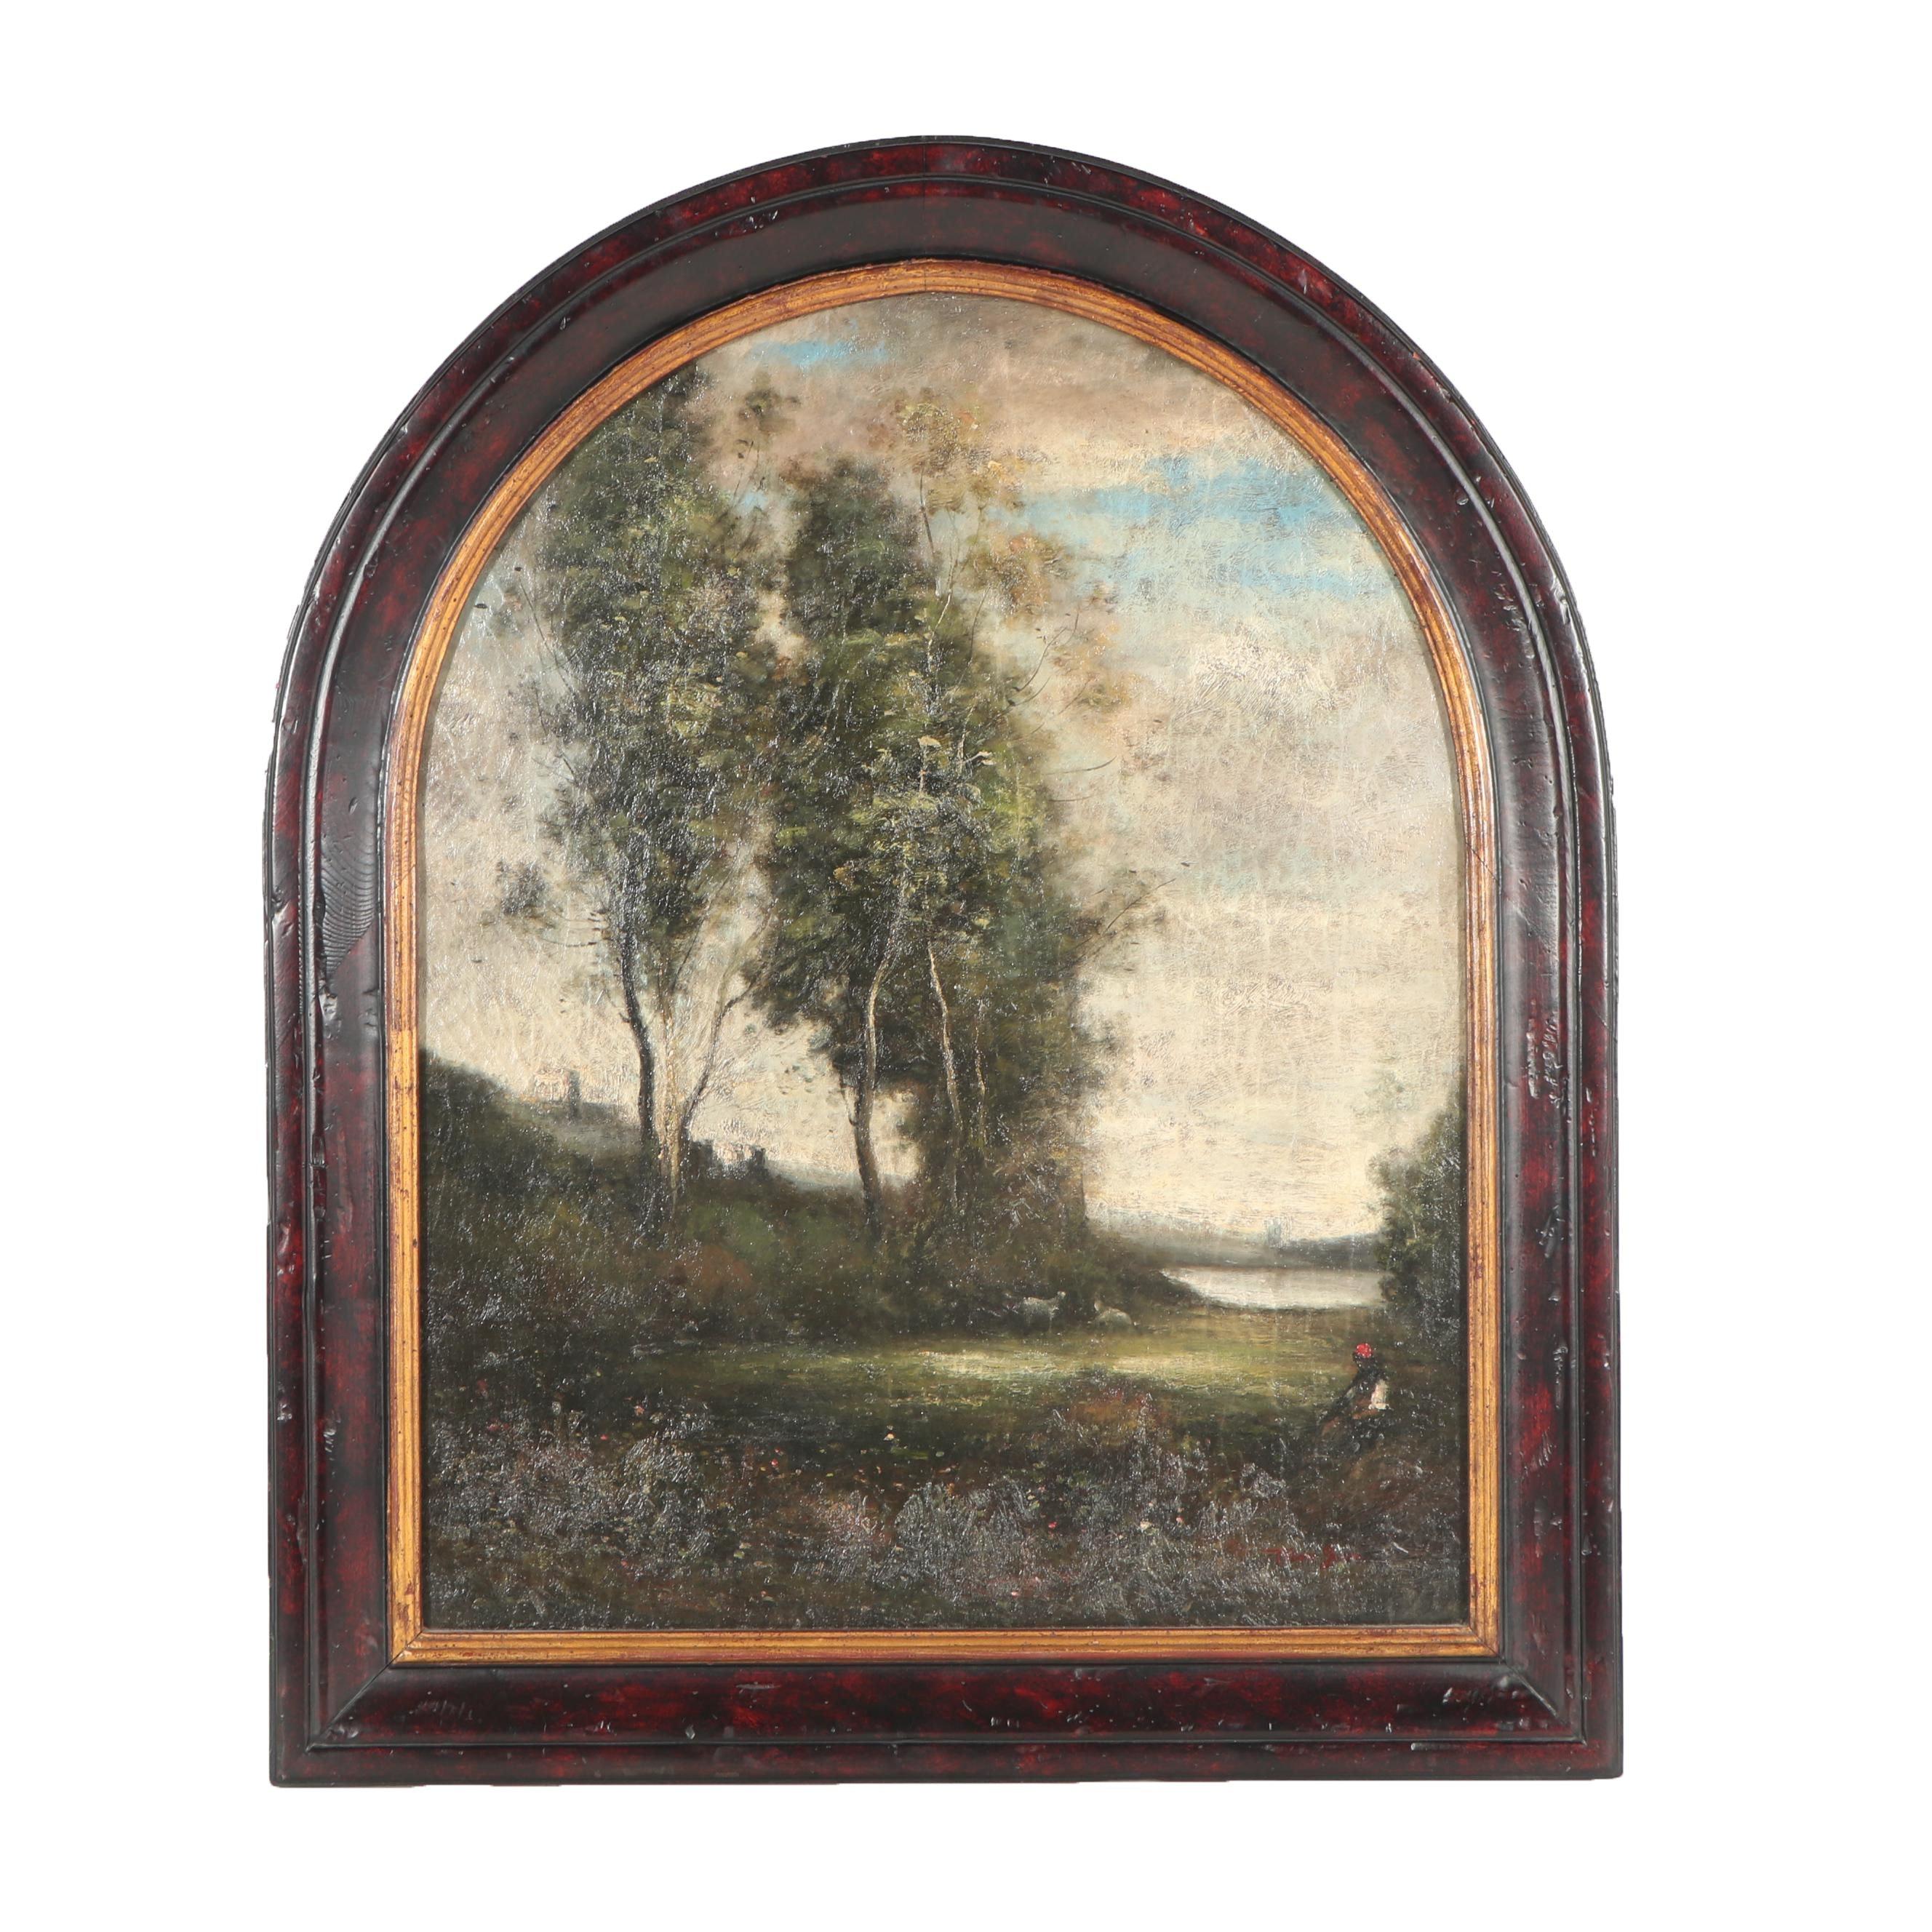 Trevor James Barbizon Style Landscape Oil Painting